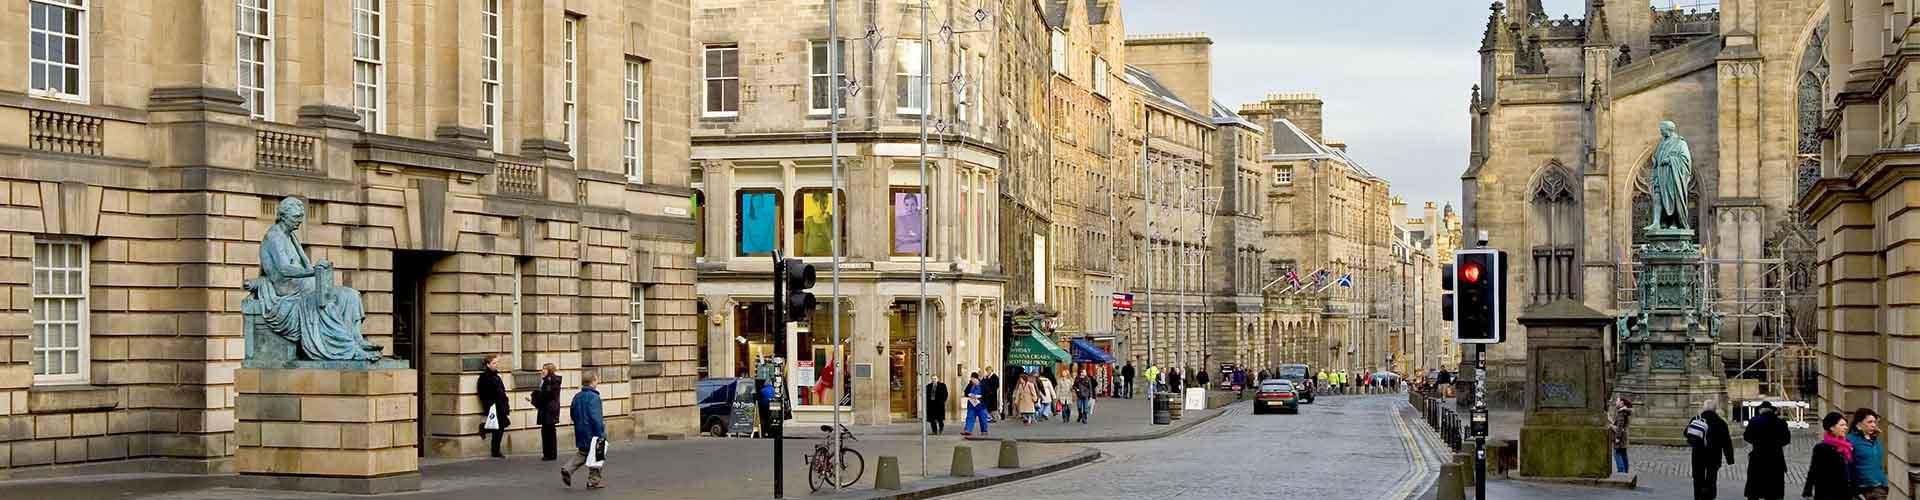 Edimbourg - Auberges de jeunesse dans le quartier de The High Street. Cartes pour Edimbourg, photos et commentaires pour chaque auberge de jeunesse à Edimbourg.